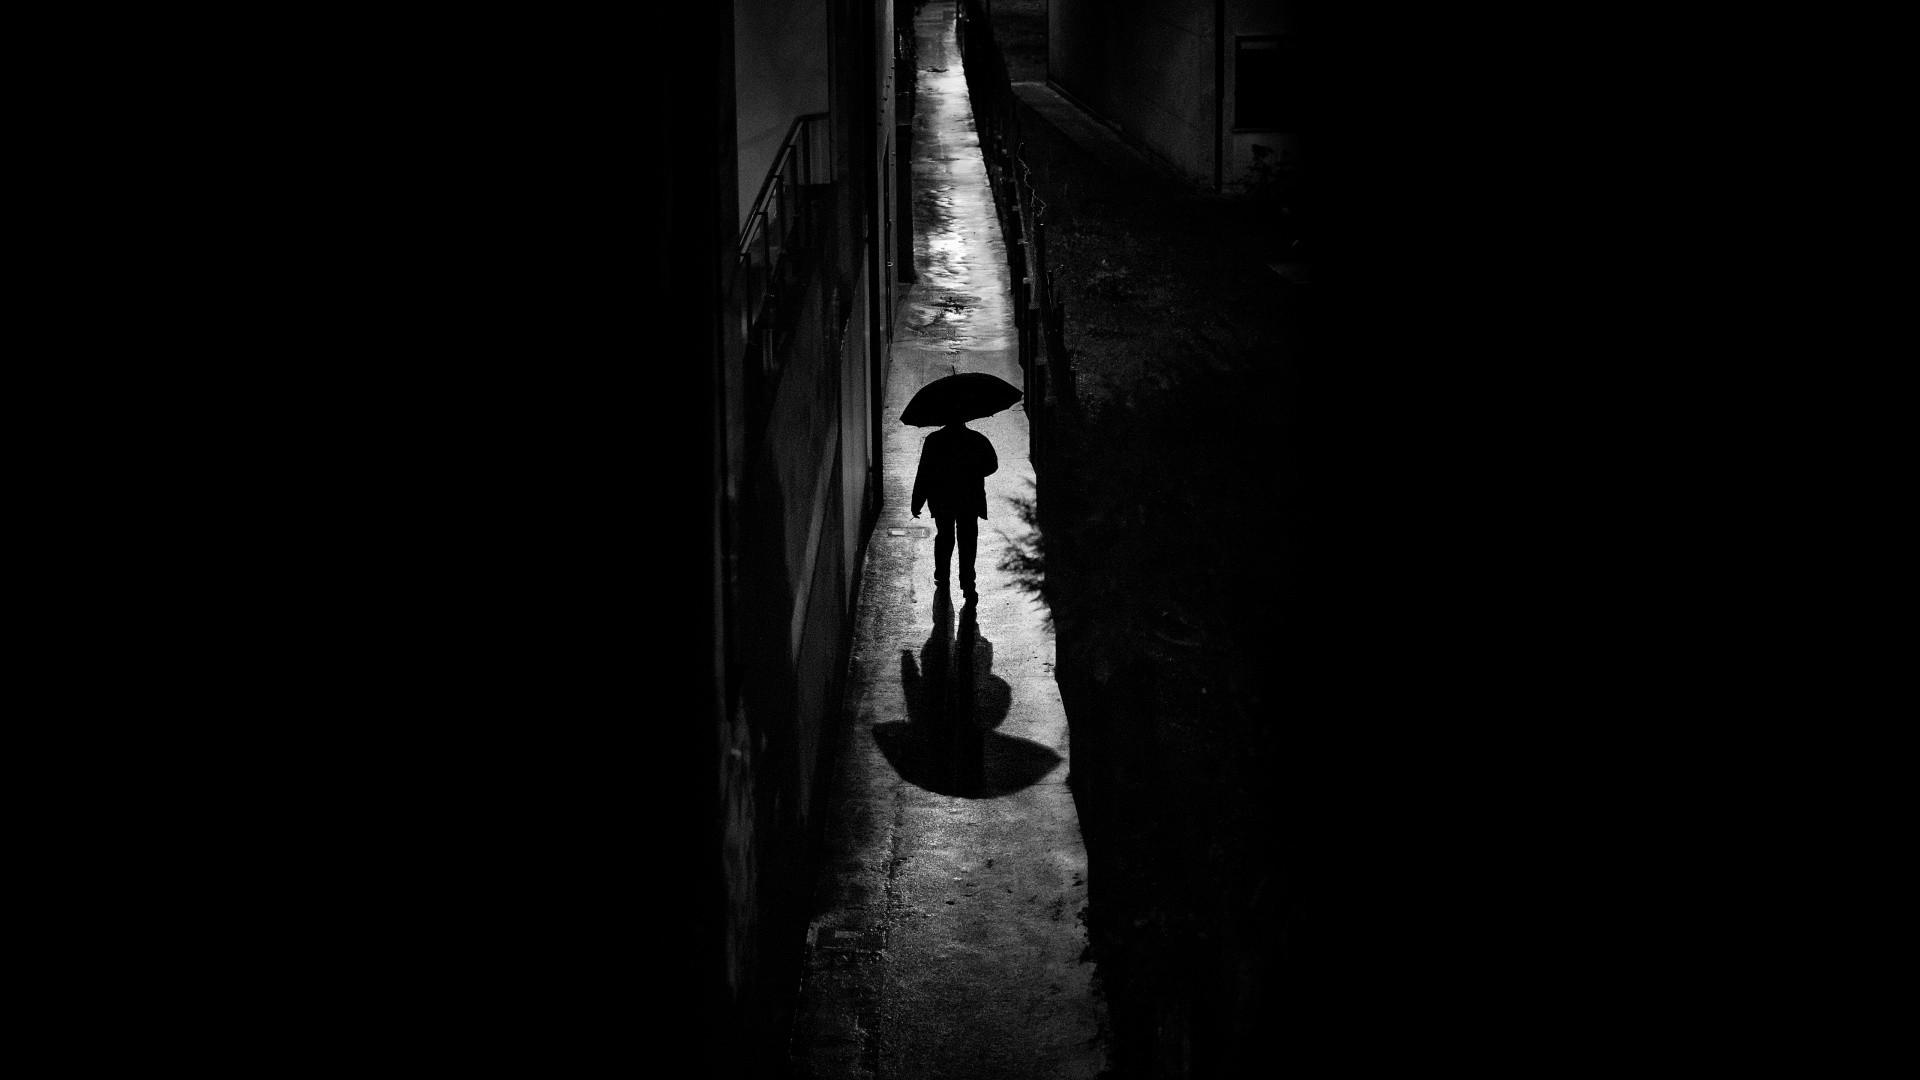 картинки широкоформатные черно белые грустные нашить ажурную